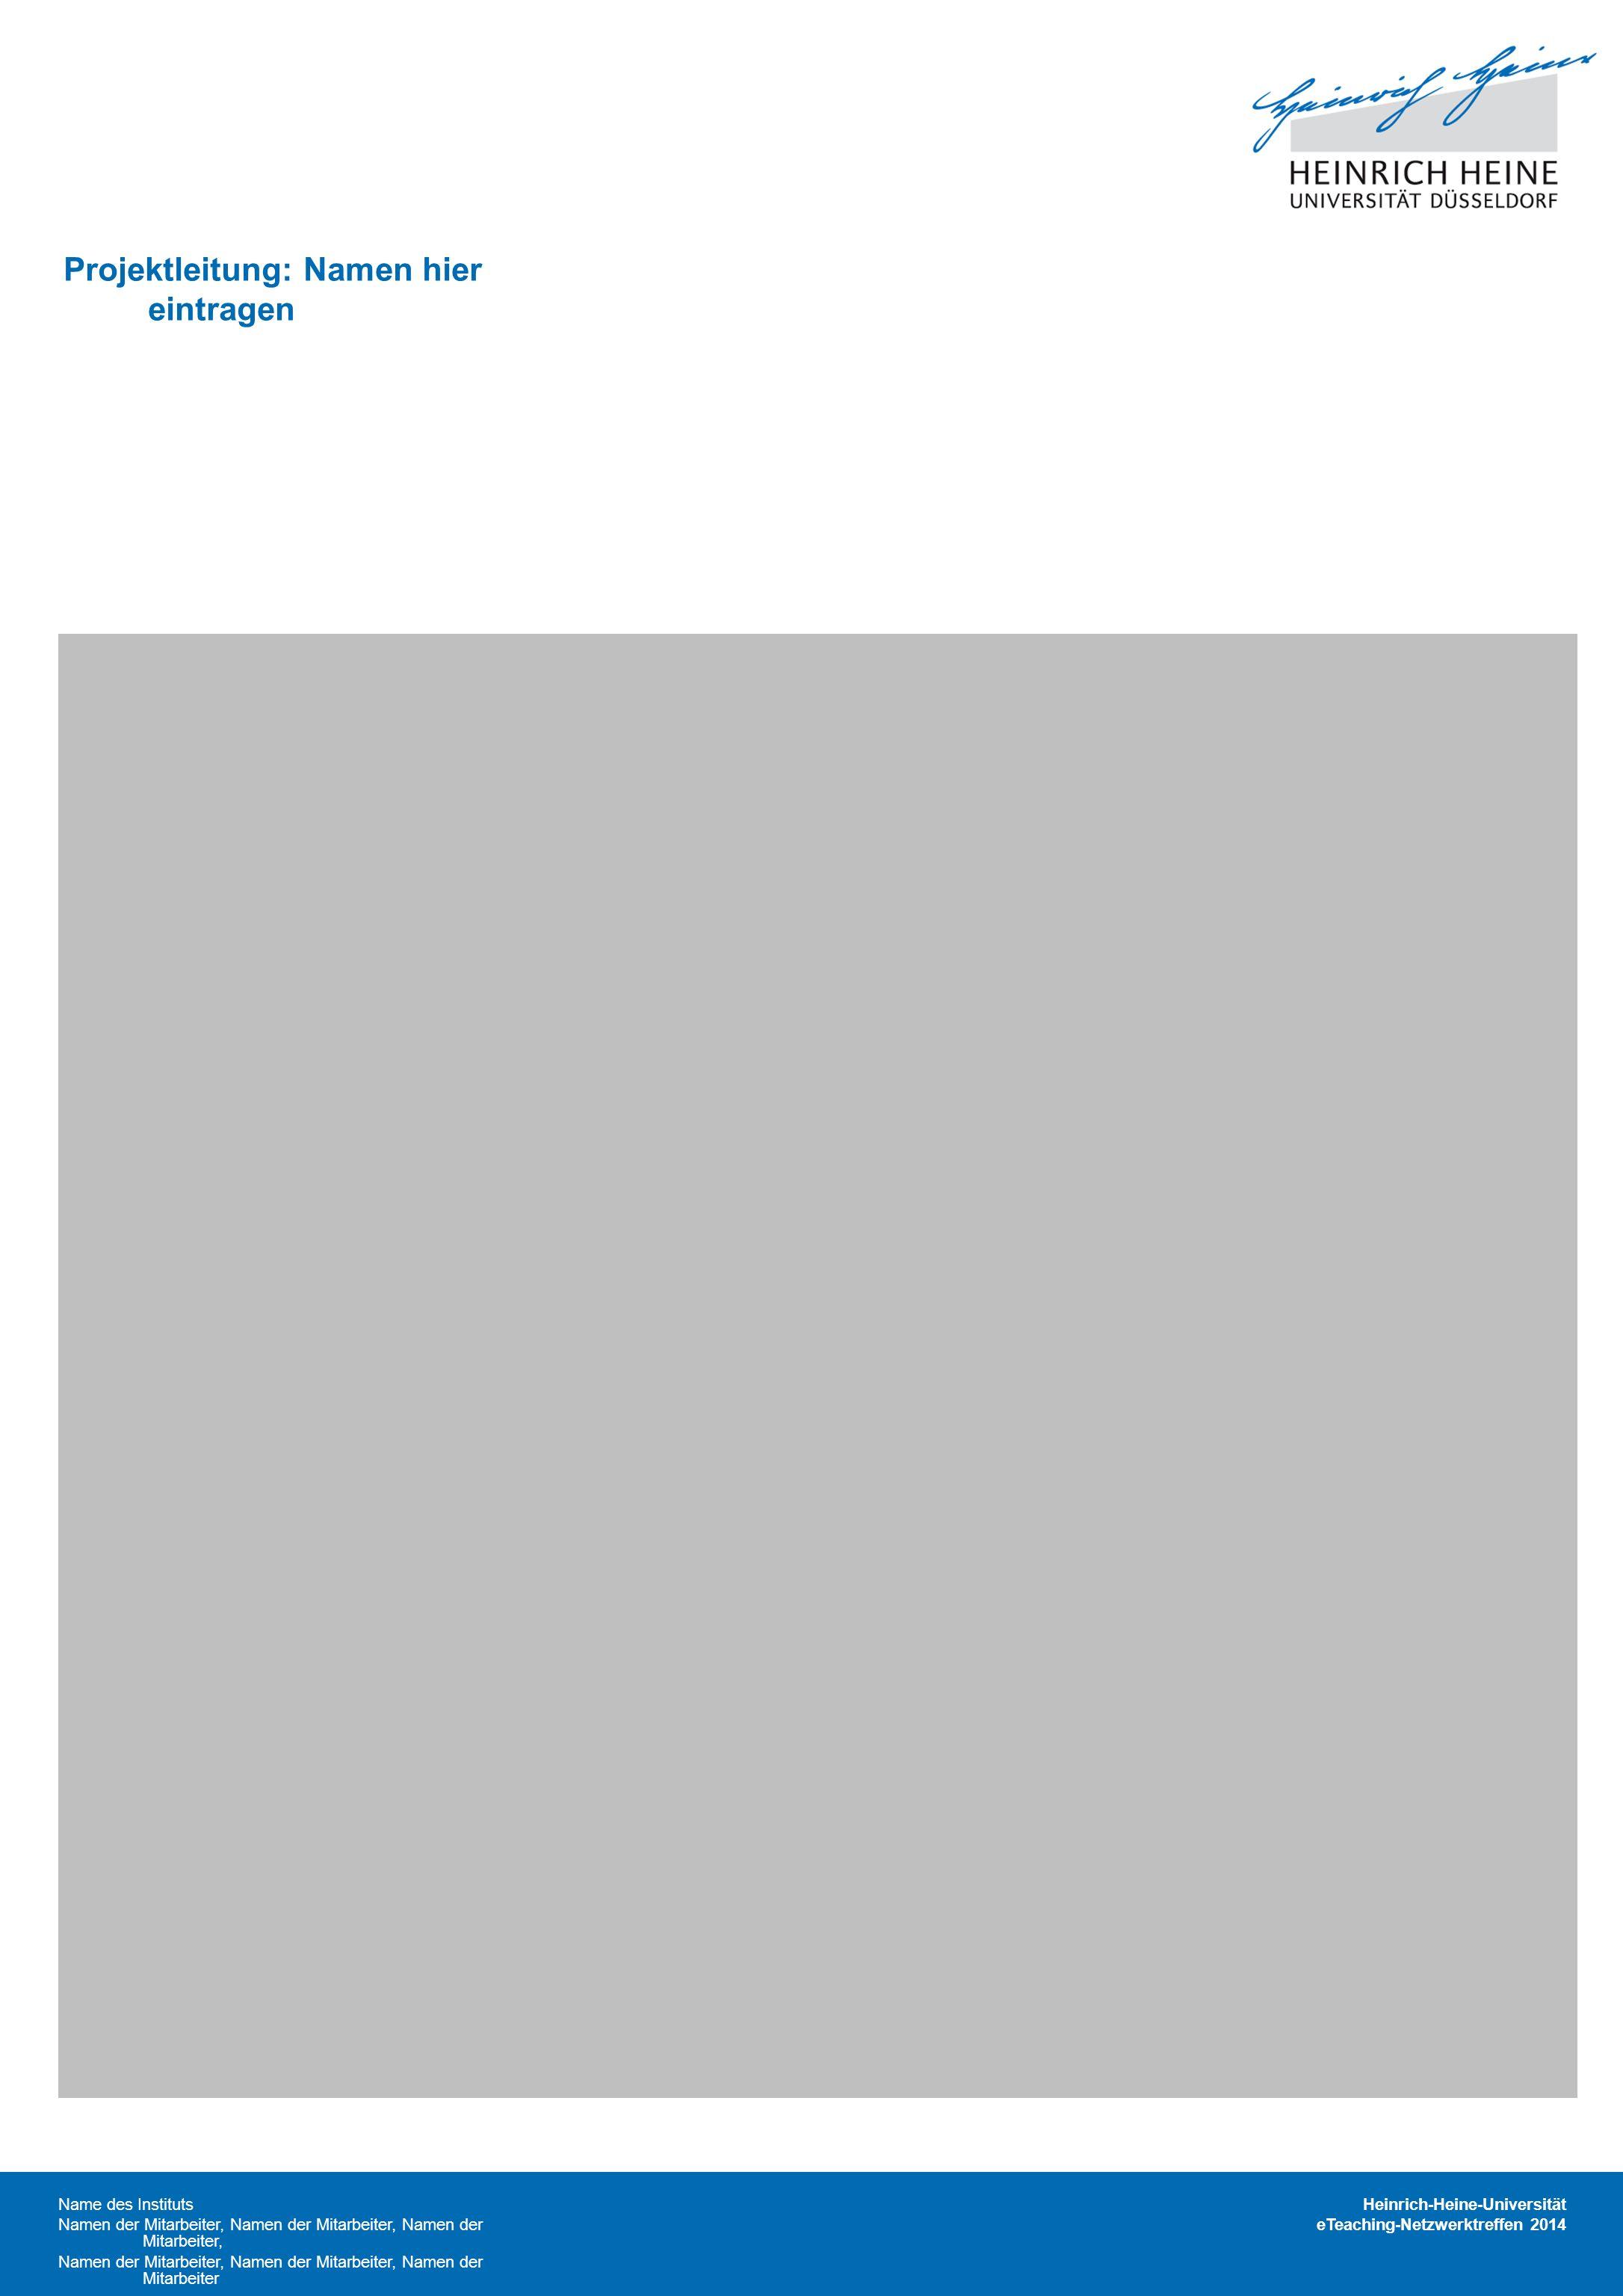 Heinrich-Heine-Universität eTeaching-Netzwerktreffen 2014 Projektleitung: Namen hier eintragen Name des Instituts Namen der Mitarbeiter, Namen der Mitarbeiter, Namen der Mitarbeiter, Namen der Mitarbeiter, Namen der Mitarbeiter, Namen der Mitarbeiter